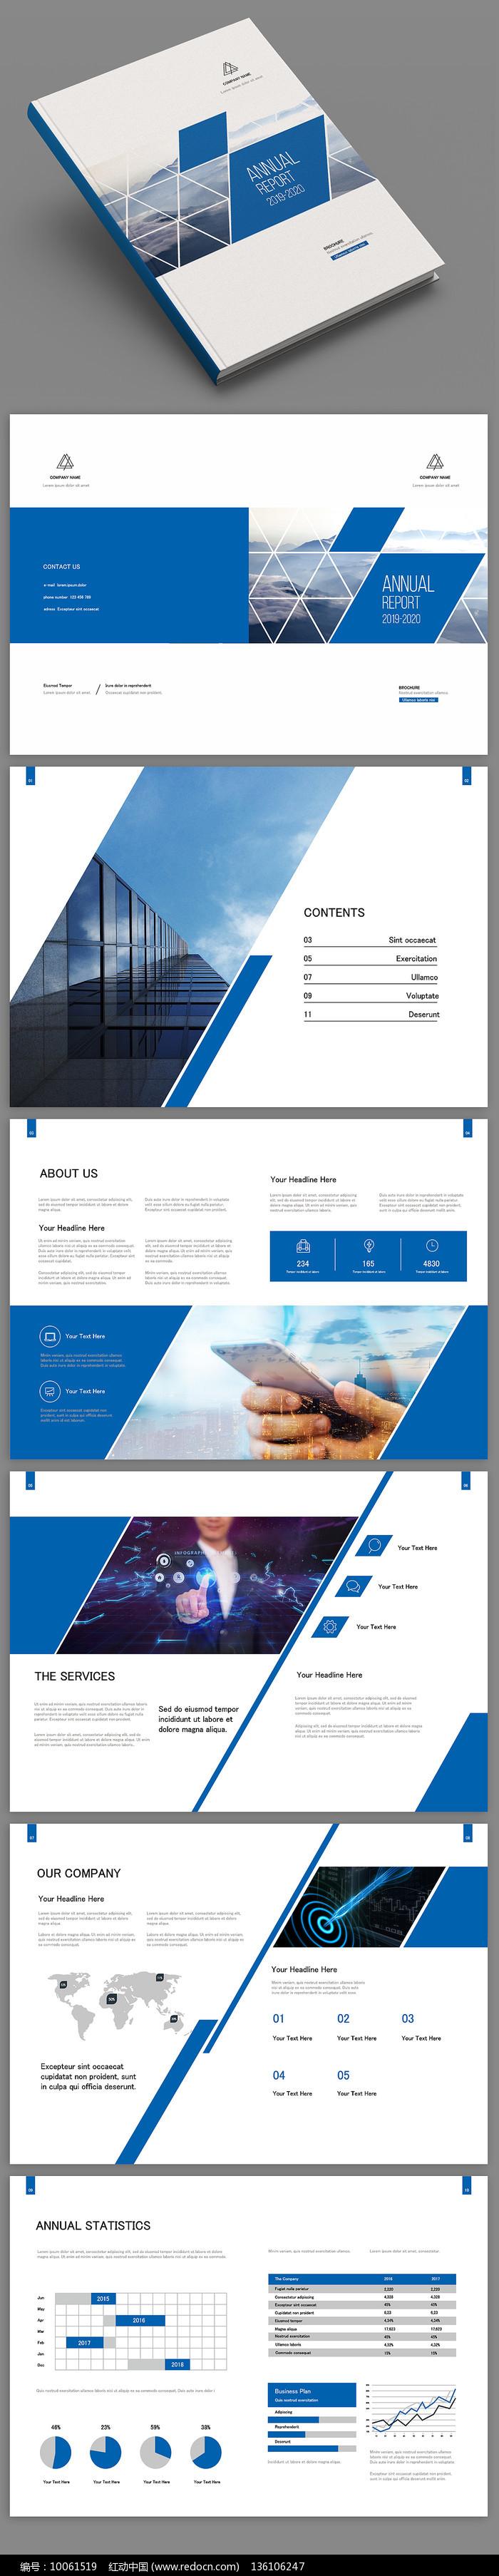 蓝色简约商务企业宣传册图片